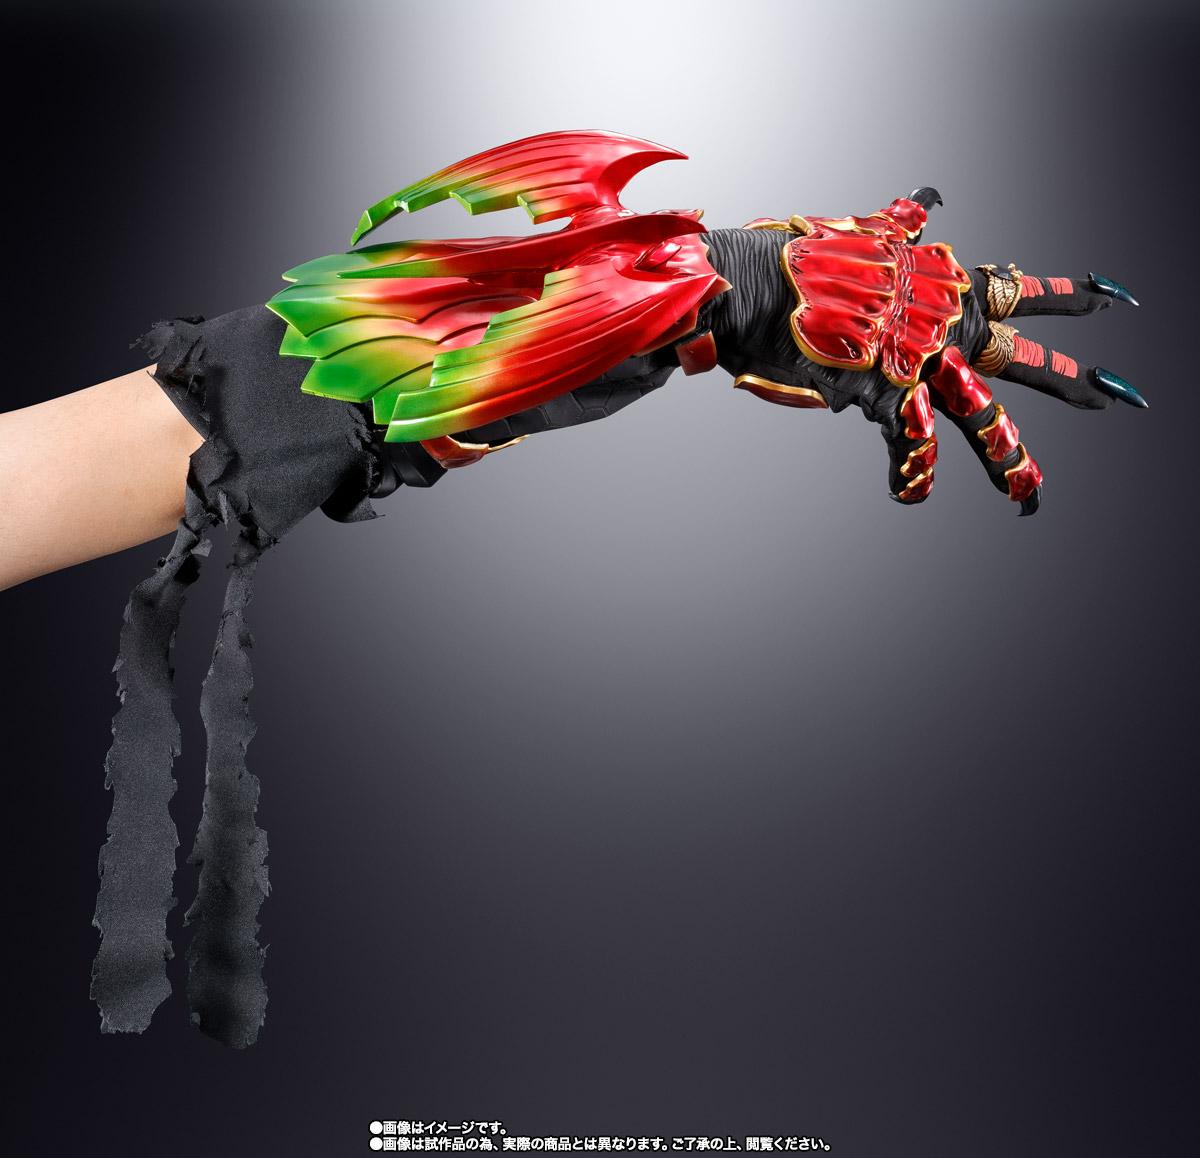 test ツイッターメディア - 【 #仮面ライダー なう!】 「TAMASHII Lab アンク」は魂ウェブ商店で2月24日(月)23時受注締切! 実際に腕に装着出来る!!アンク役・三浦涼介さん新録によるボイスを70種以上収録!! ご注文お忘れなく→ https://t.co/yBmmiJkSqc ★本日までマイル2倍!★ #仮面ライダーオーズ #t_nations https://t.co/nldv5VYqBp